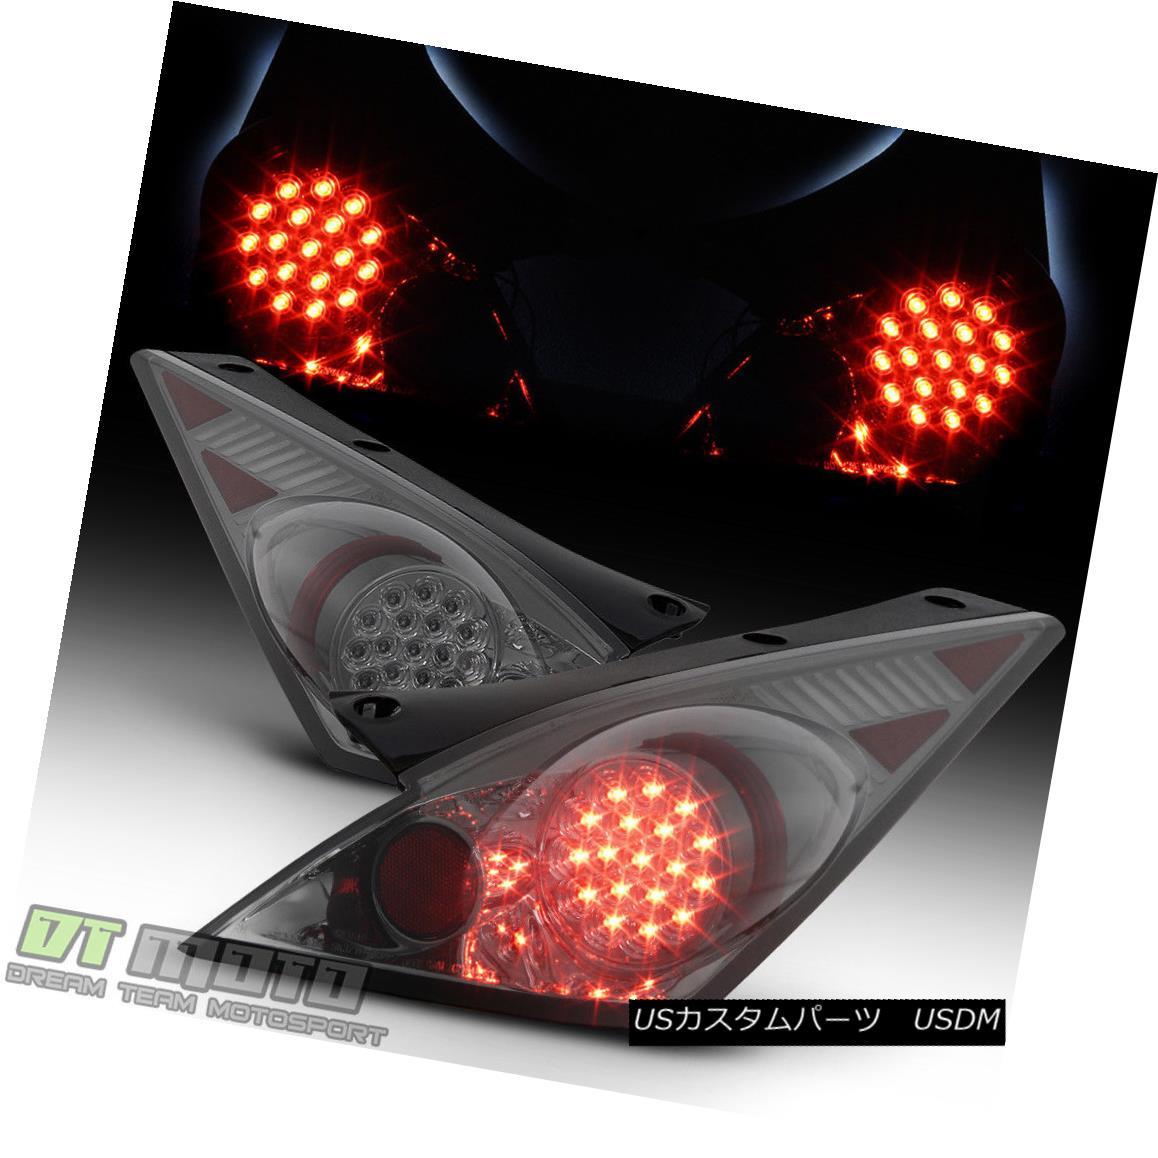 テールライト Smoked For 2003 2004 Left+Right 2005 2003 350Z Z33 LED Lamps Tail Lights Brake Lamps Left+Right 03-05 スモーク2003年2004年2005年350Z Z33 LEDテールライトブレーキランプ左+右03-05, 印章製造直販本舗 こだわり屋:8baa0fb2 --- officewill.xsrv.jp